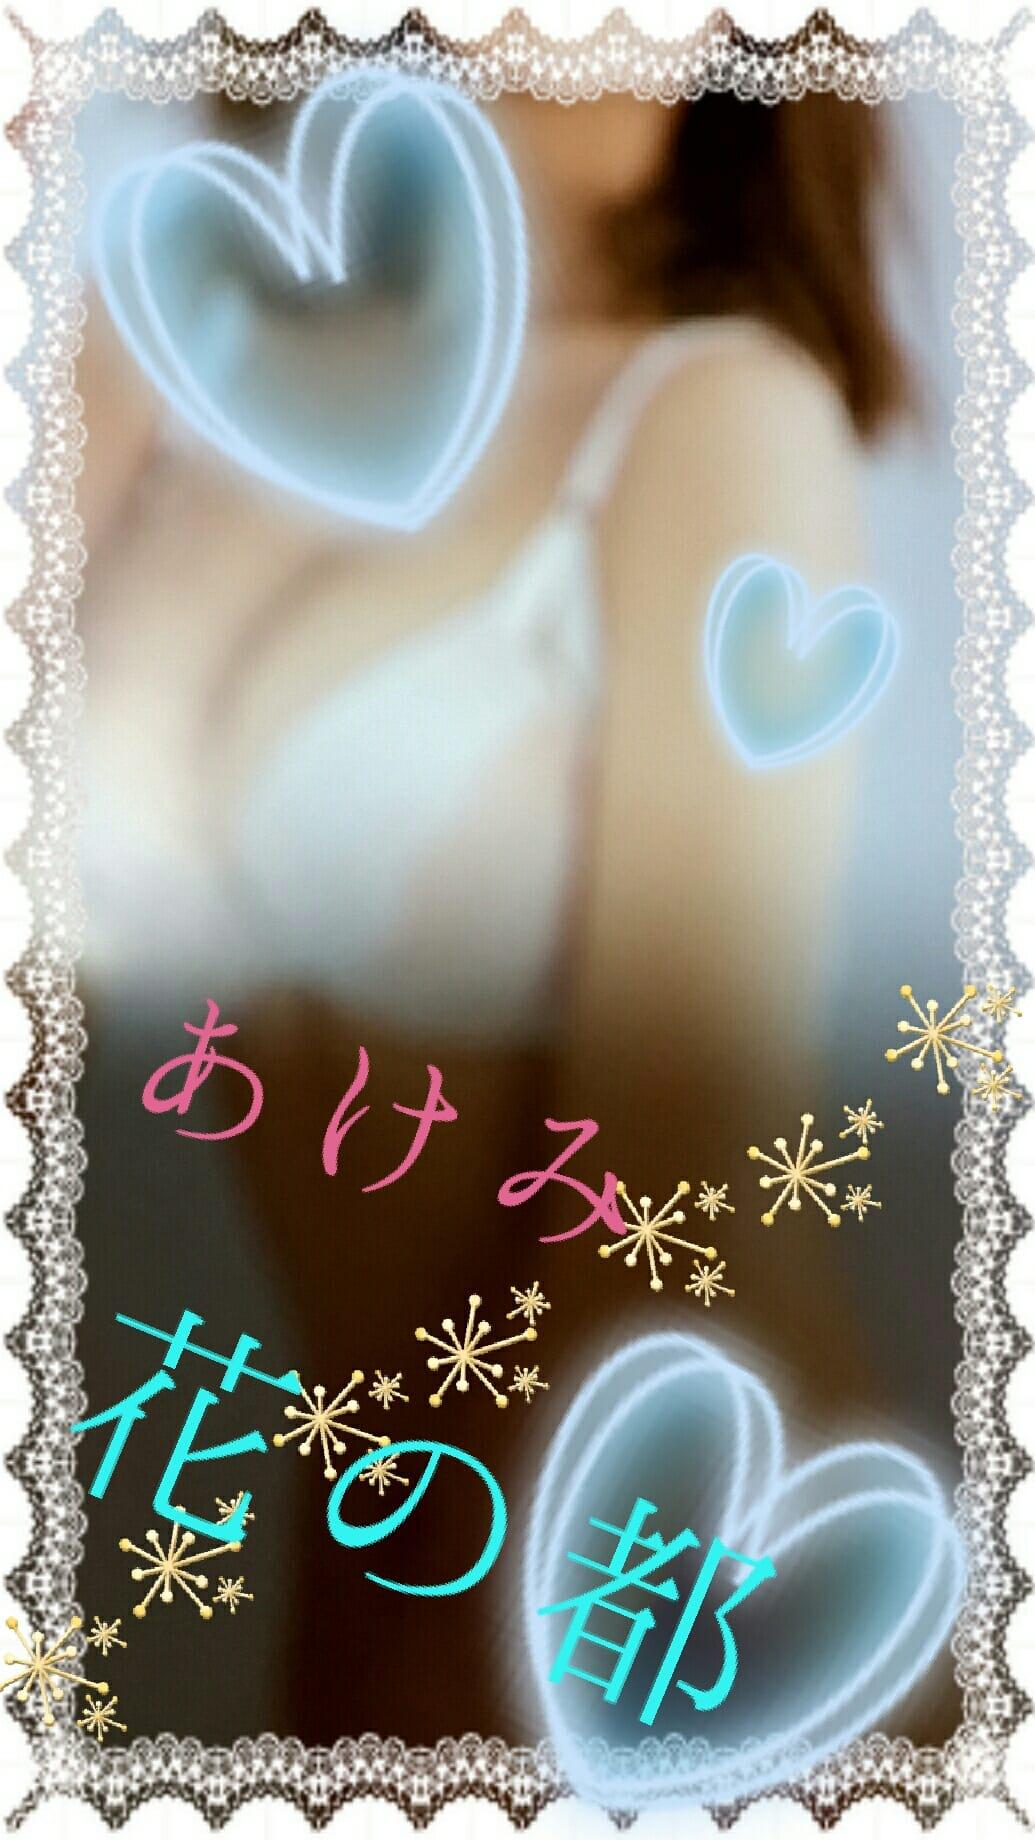 「ありがとうございます」02/11(日) 13:14 | あけみの写メ・風俗動画